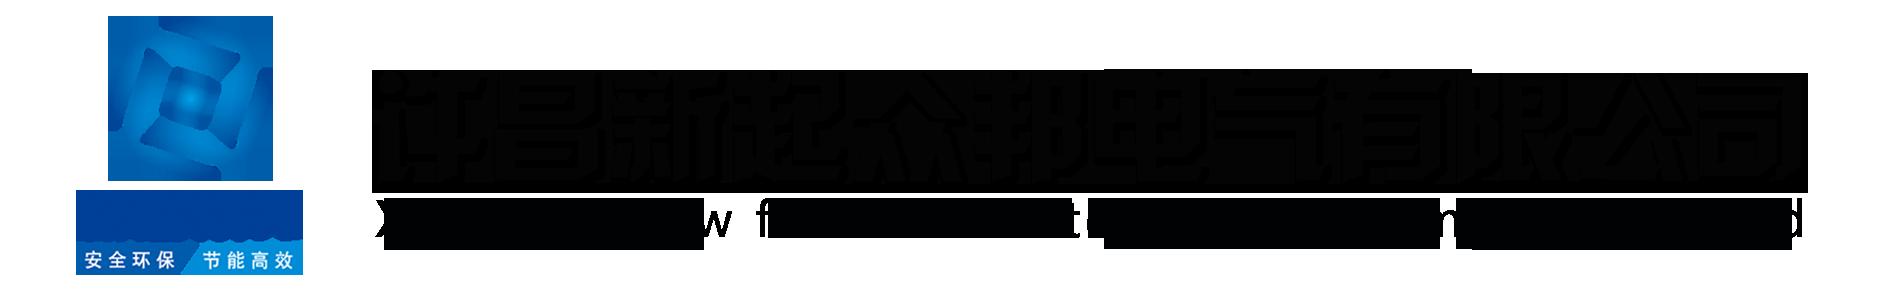 许昌新起众邦电气有限公司